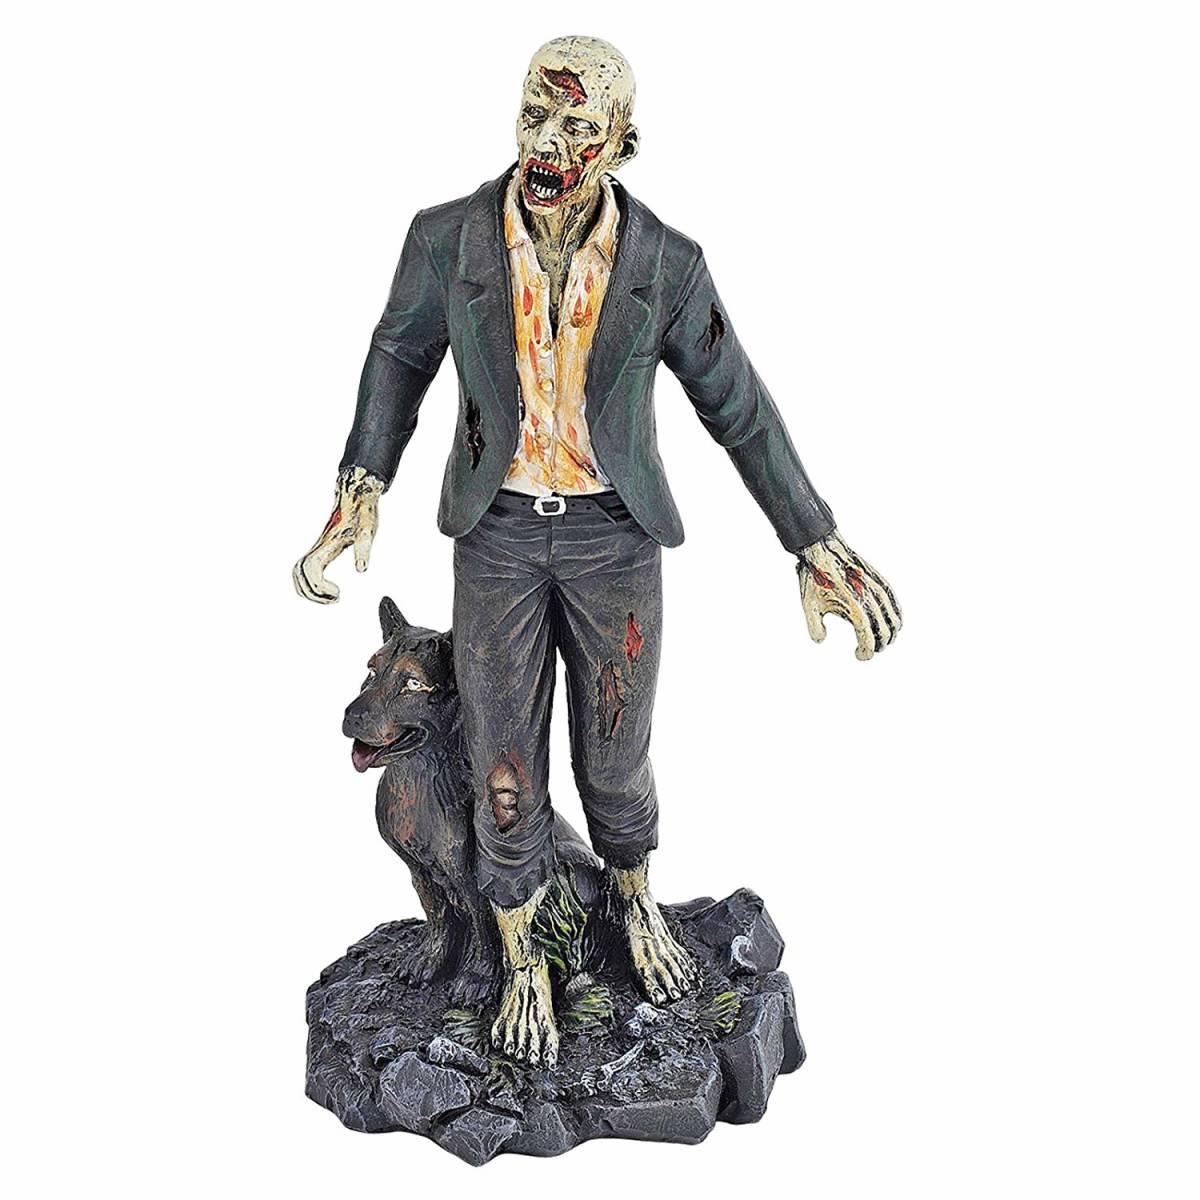 ゾンビとゾンビウルフ アンデッド・ウォーキング ゾンビモンスター オカルト・ホラーフィギュア 彫像(輸入品)